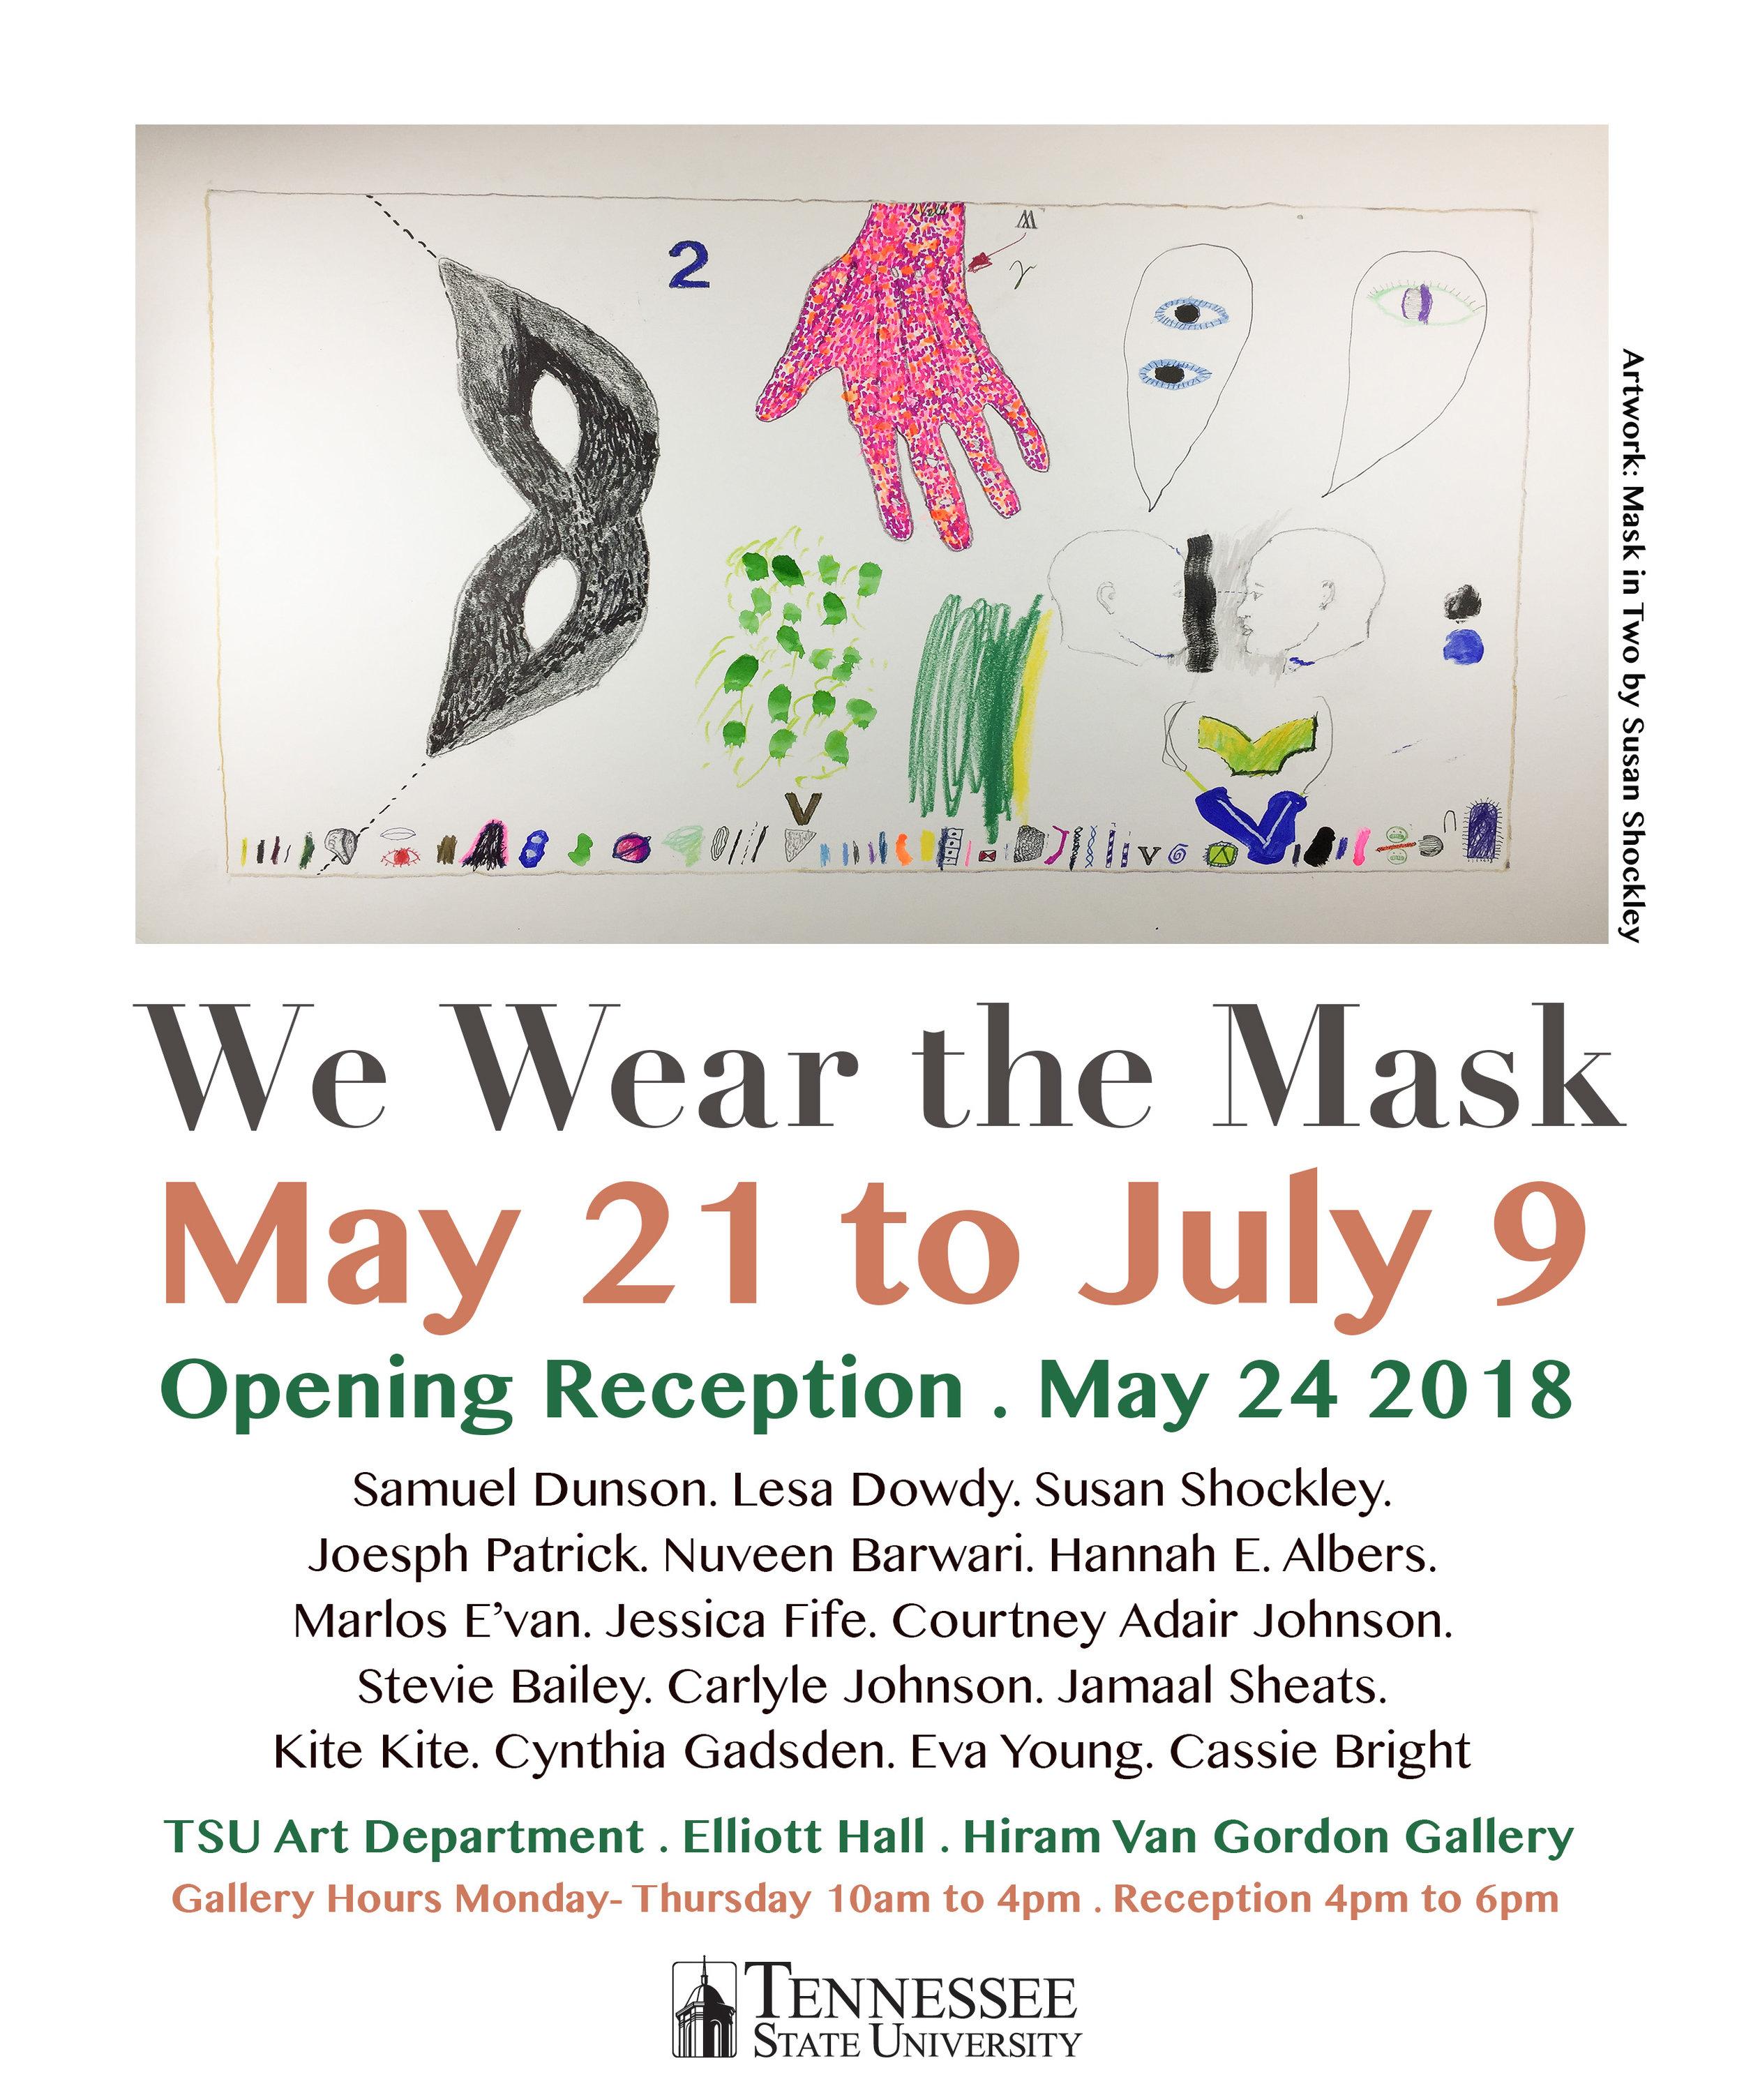 We Wear the Mask flyer 3.jpg